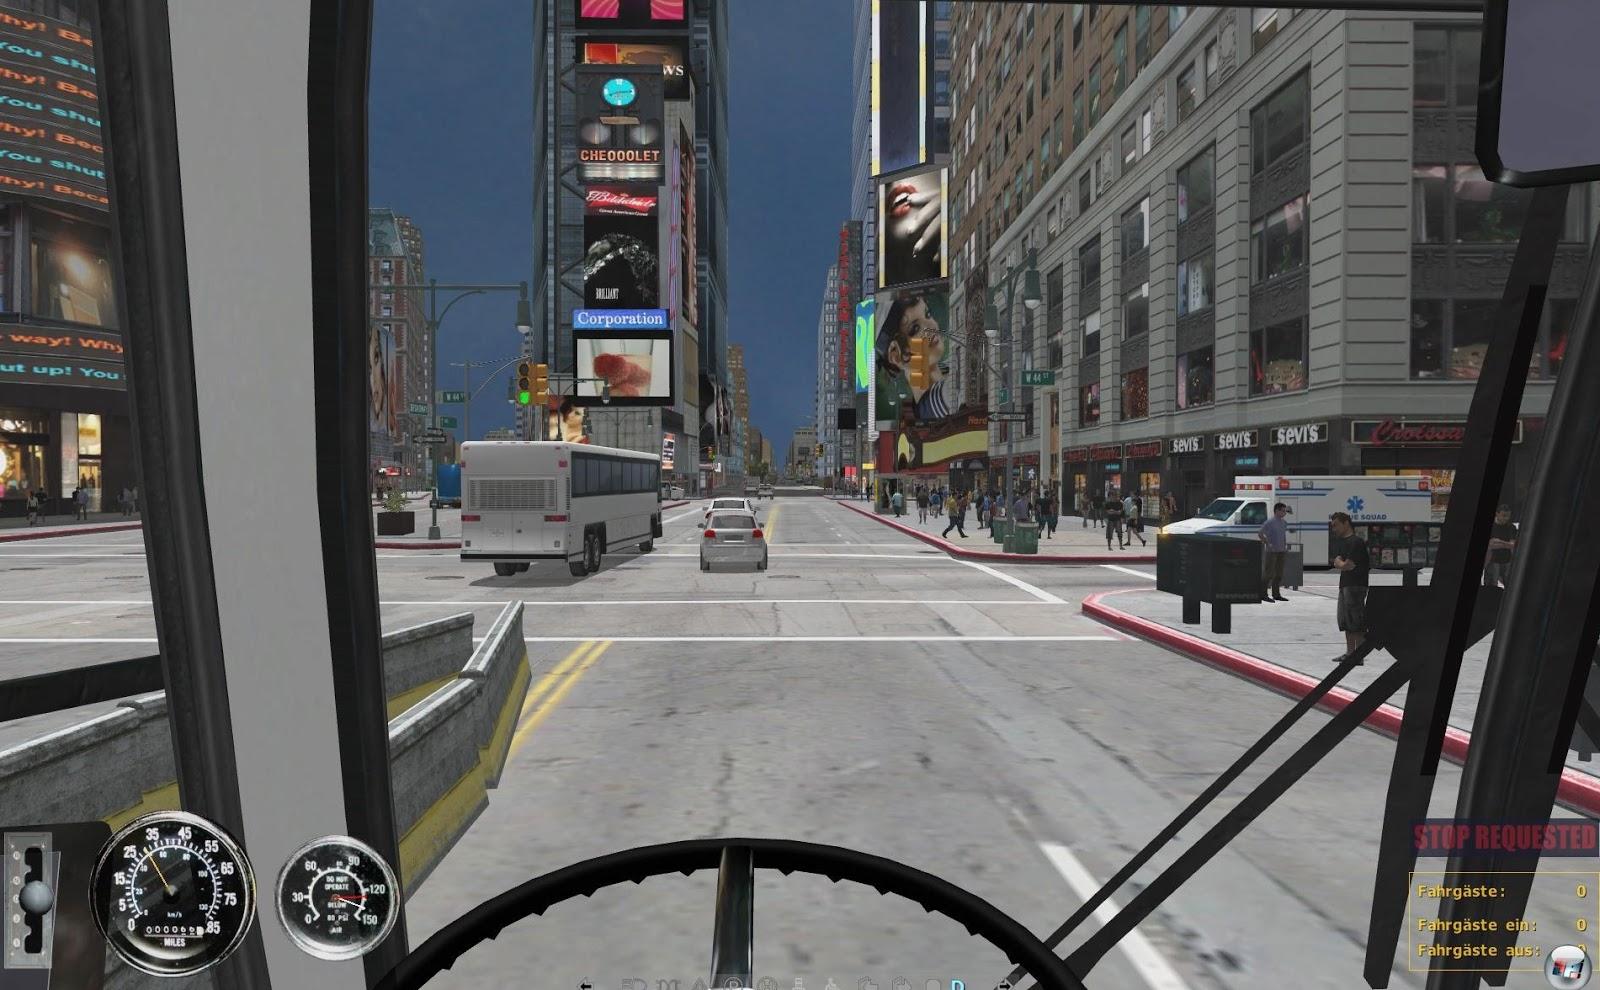 City bus simulator 2010 full version game download pcgamefreetop.